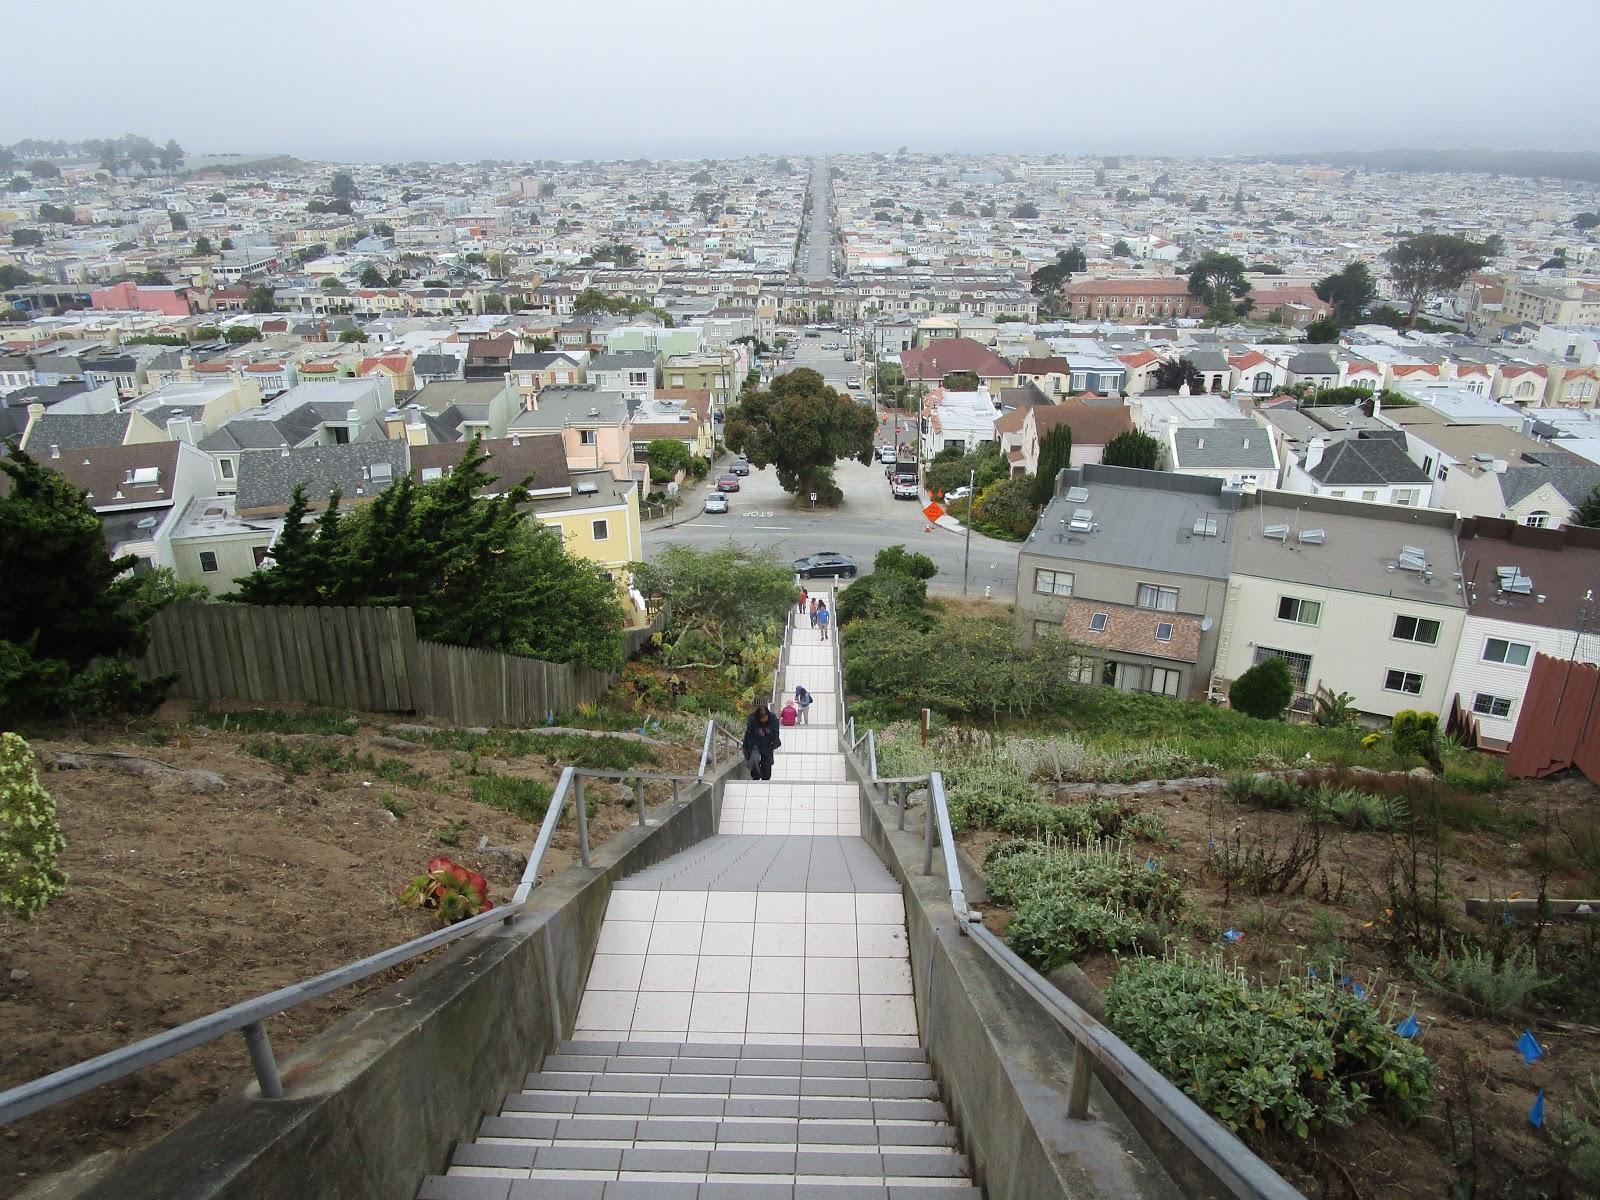 100 километров по Сан-Франциско museum,dvorak,travel,sf,music,sfo